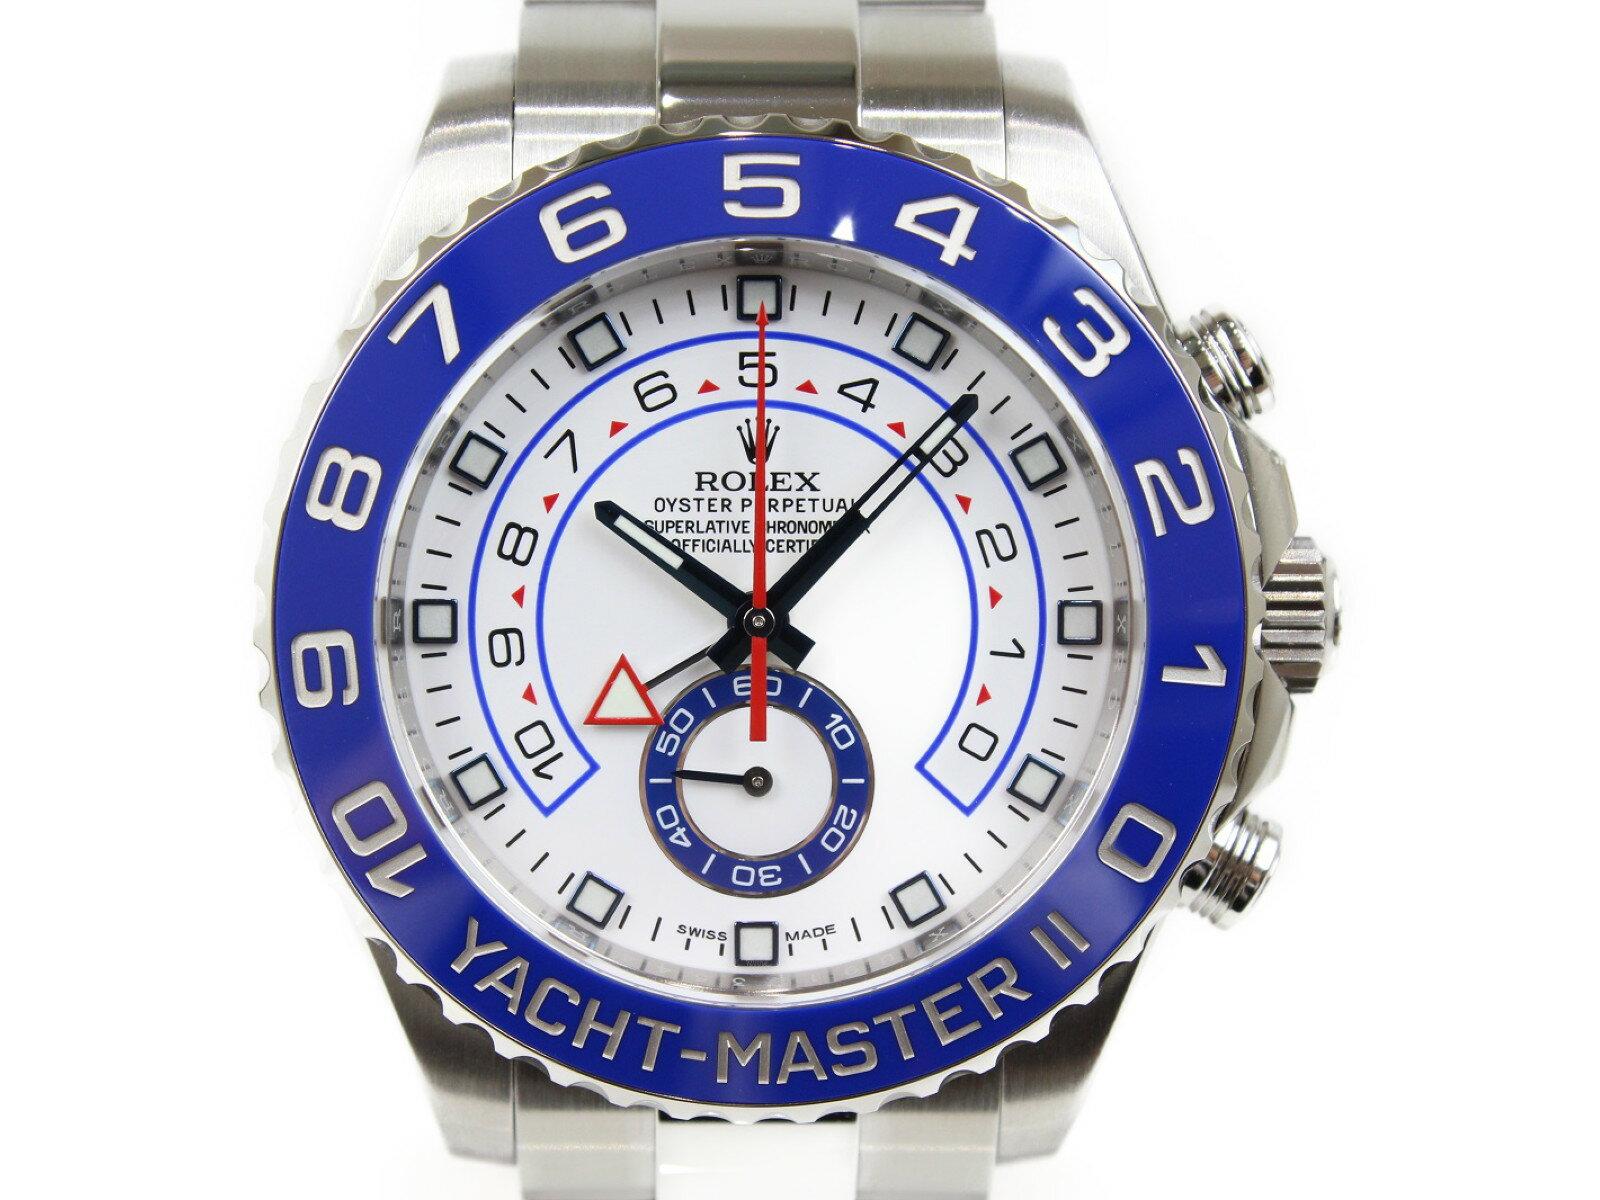 【未使用品】ROLEX ロレックス ヨットマスターII 116680 ランダム 自動巻き 回転ベゼル クロノグラフ SS ステンレススチール ホワイト ブルー メンズ 腕時計【中古】